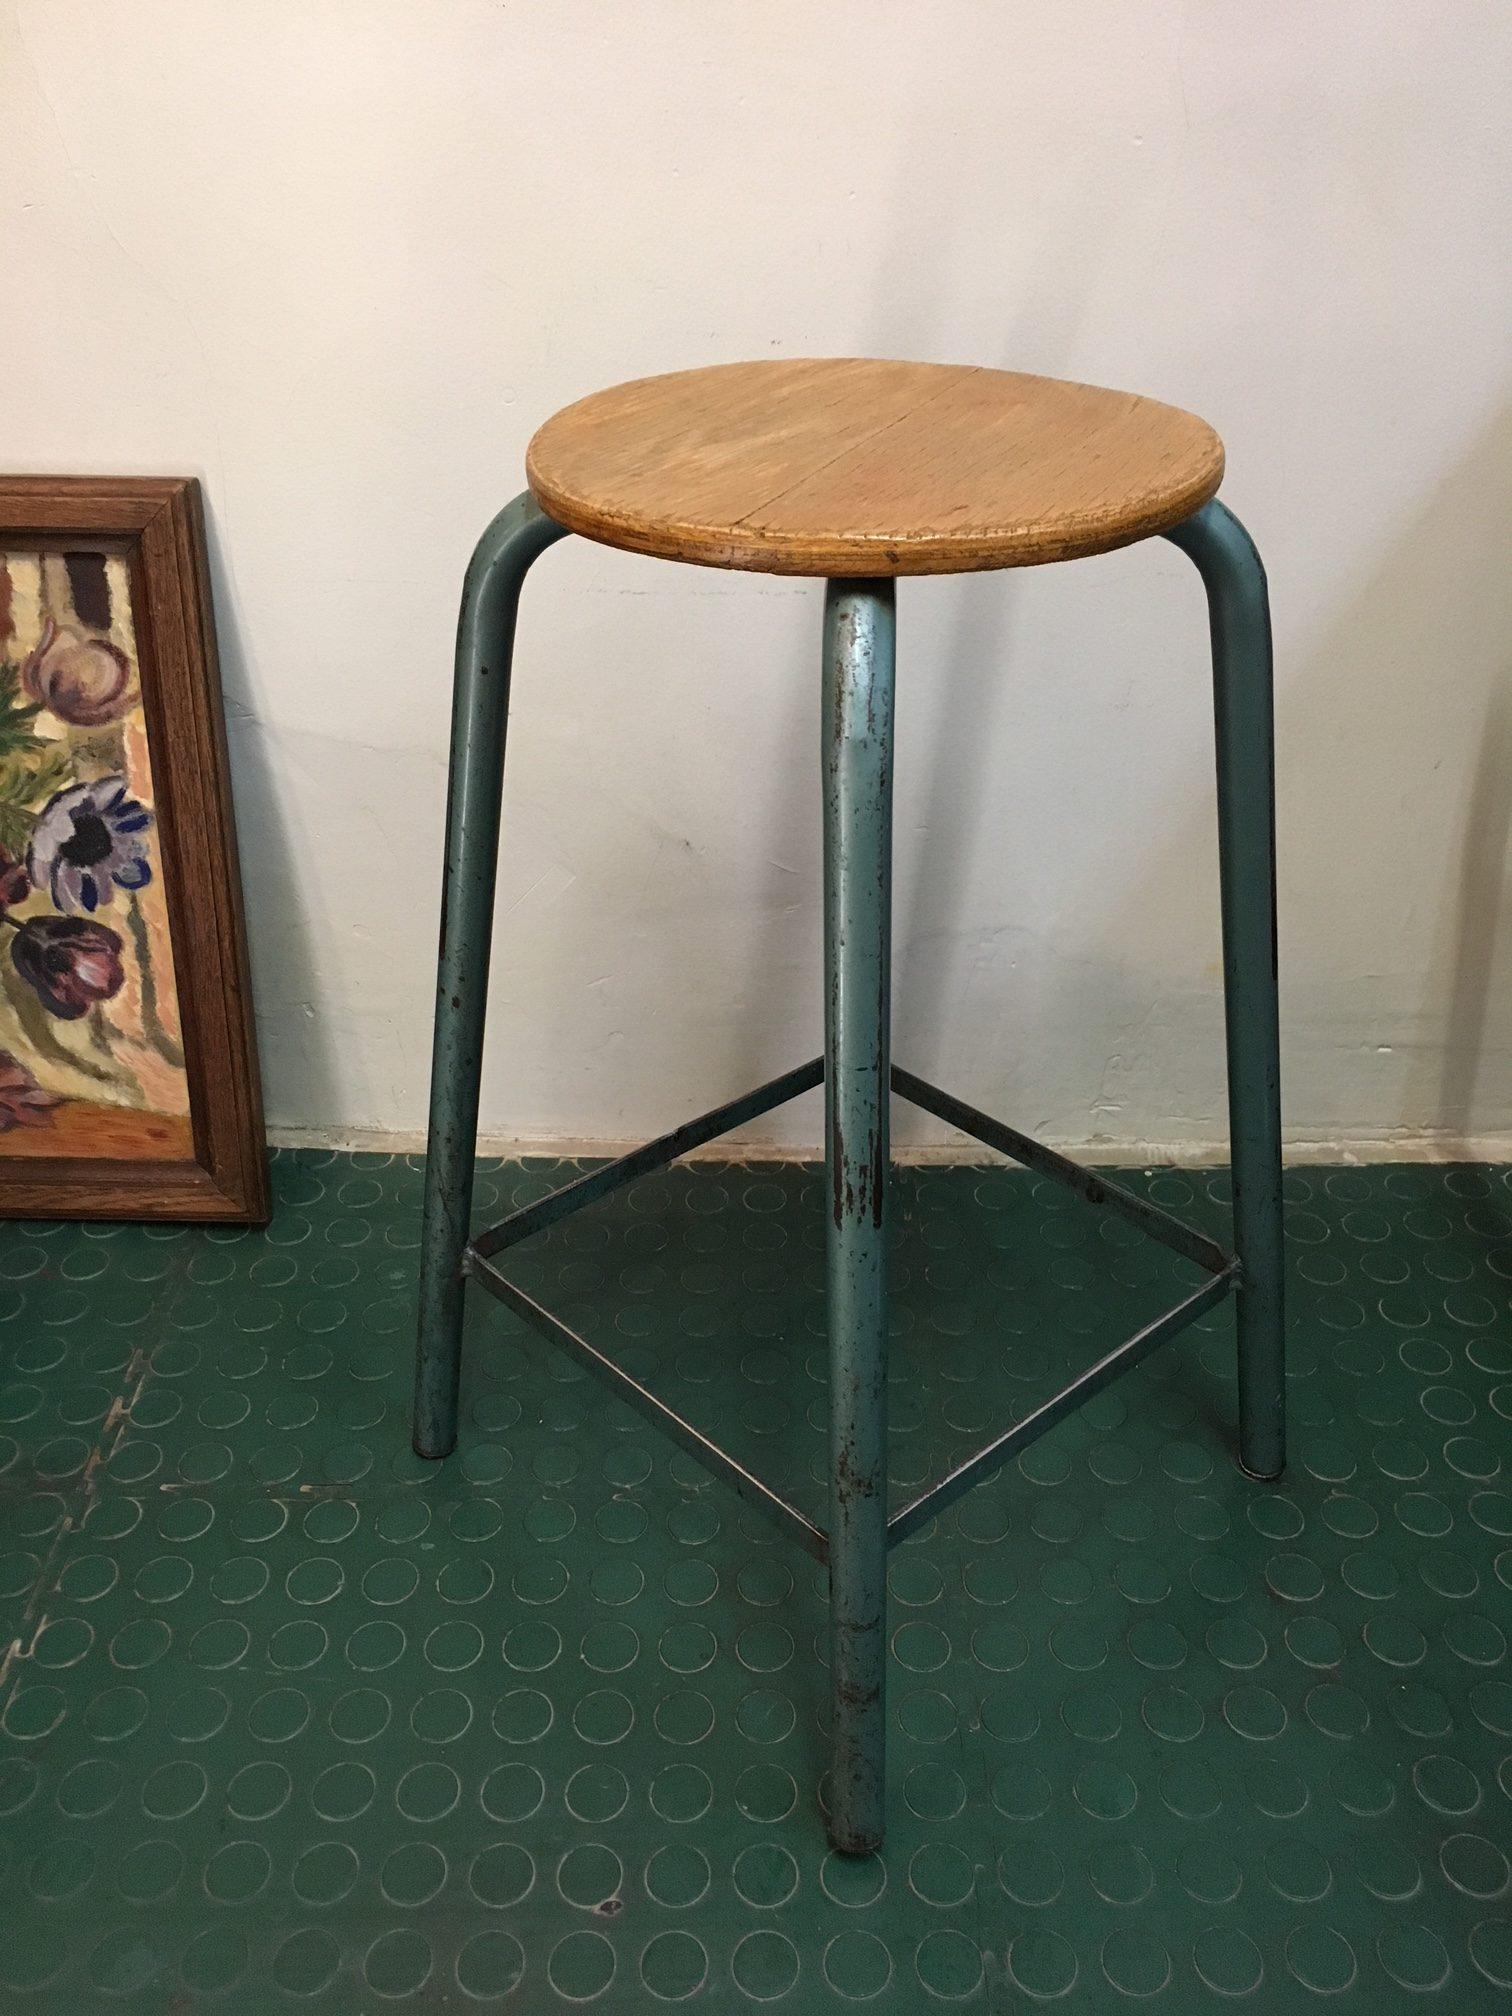 tabouret haut industriel matco vintage brocnshop. Black Bedroom Furniture Sets. Home Design Ideas